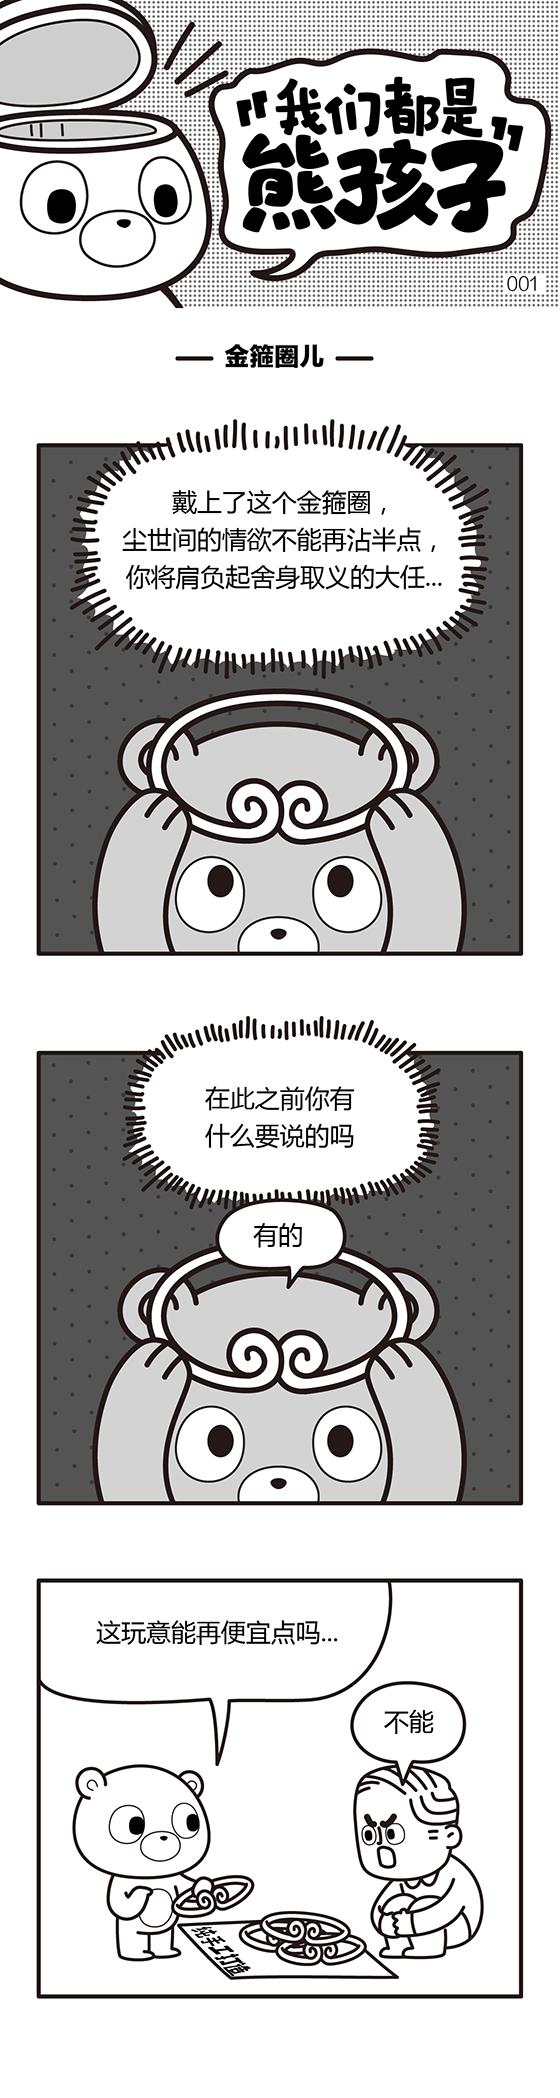 查看《熊孩子脑洞漫画1-8》原图,原图尺寸:560x2098